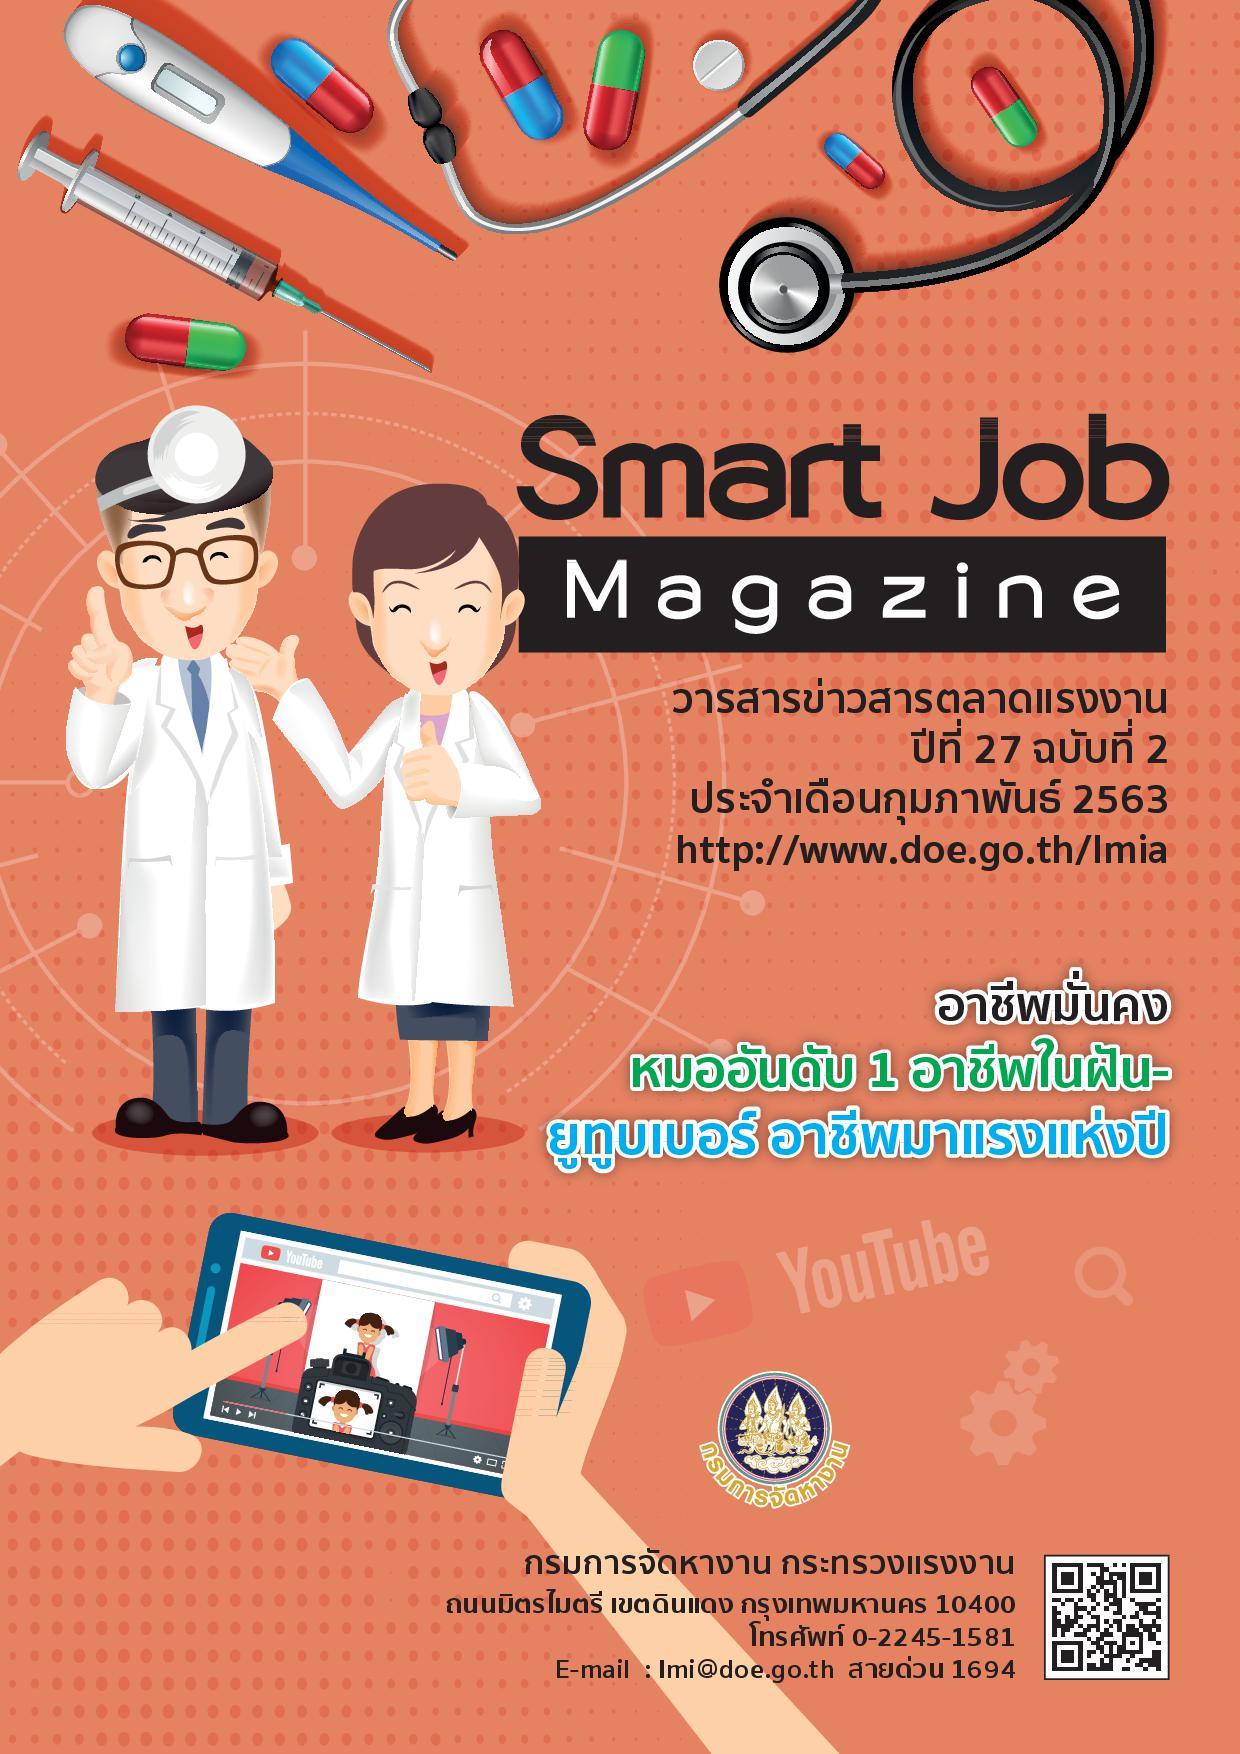 วารสารข่าวสารตลาดแรงงาน ปีที่ 27 ฉบับที่ 2 เดือนกุมภาพันธ์ 2563